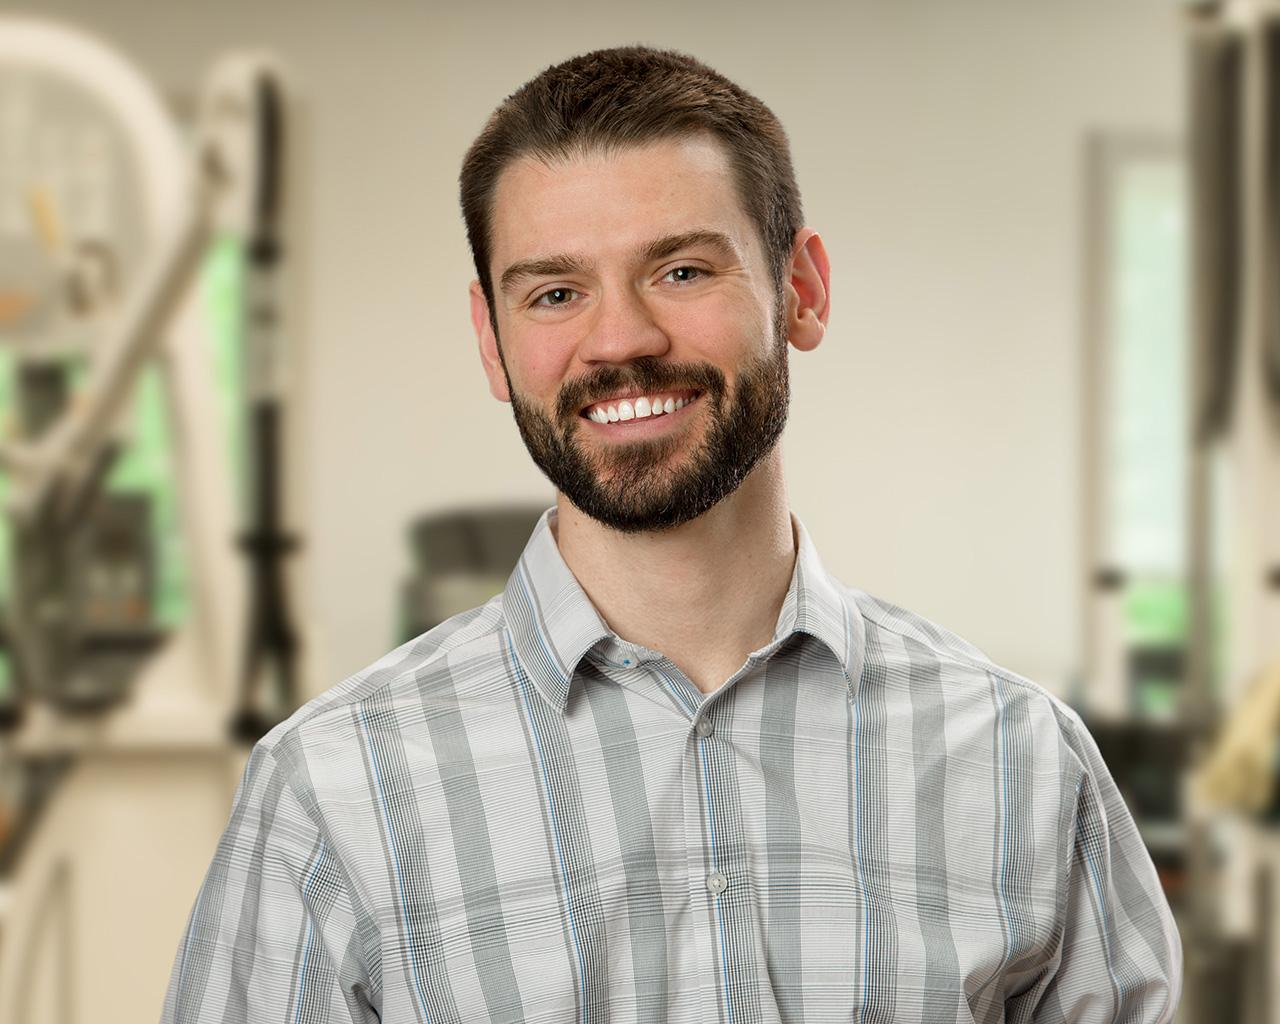 Shane bucher - PT, DPT, OCS, CSCS, Clinical Director